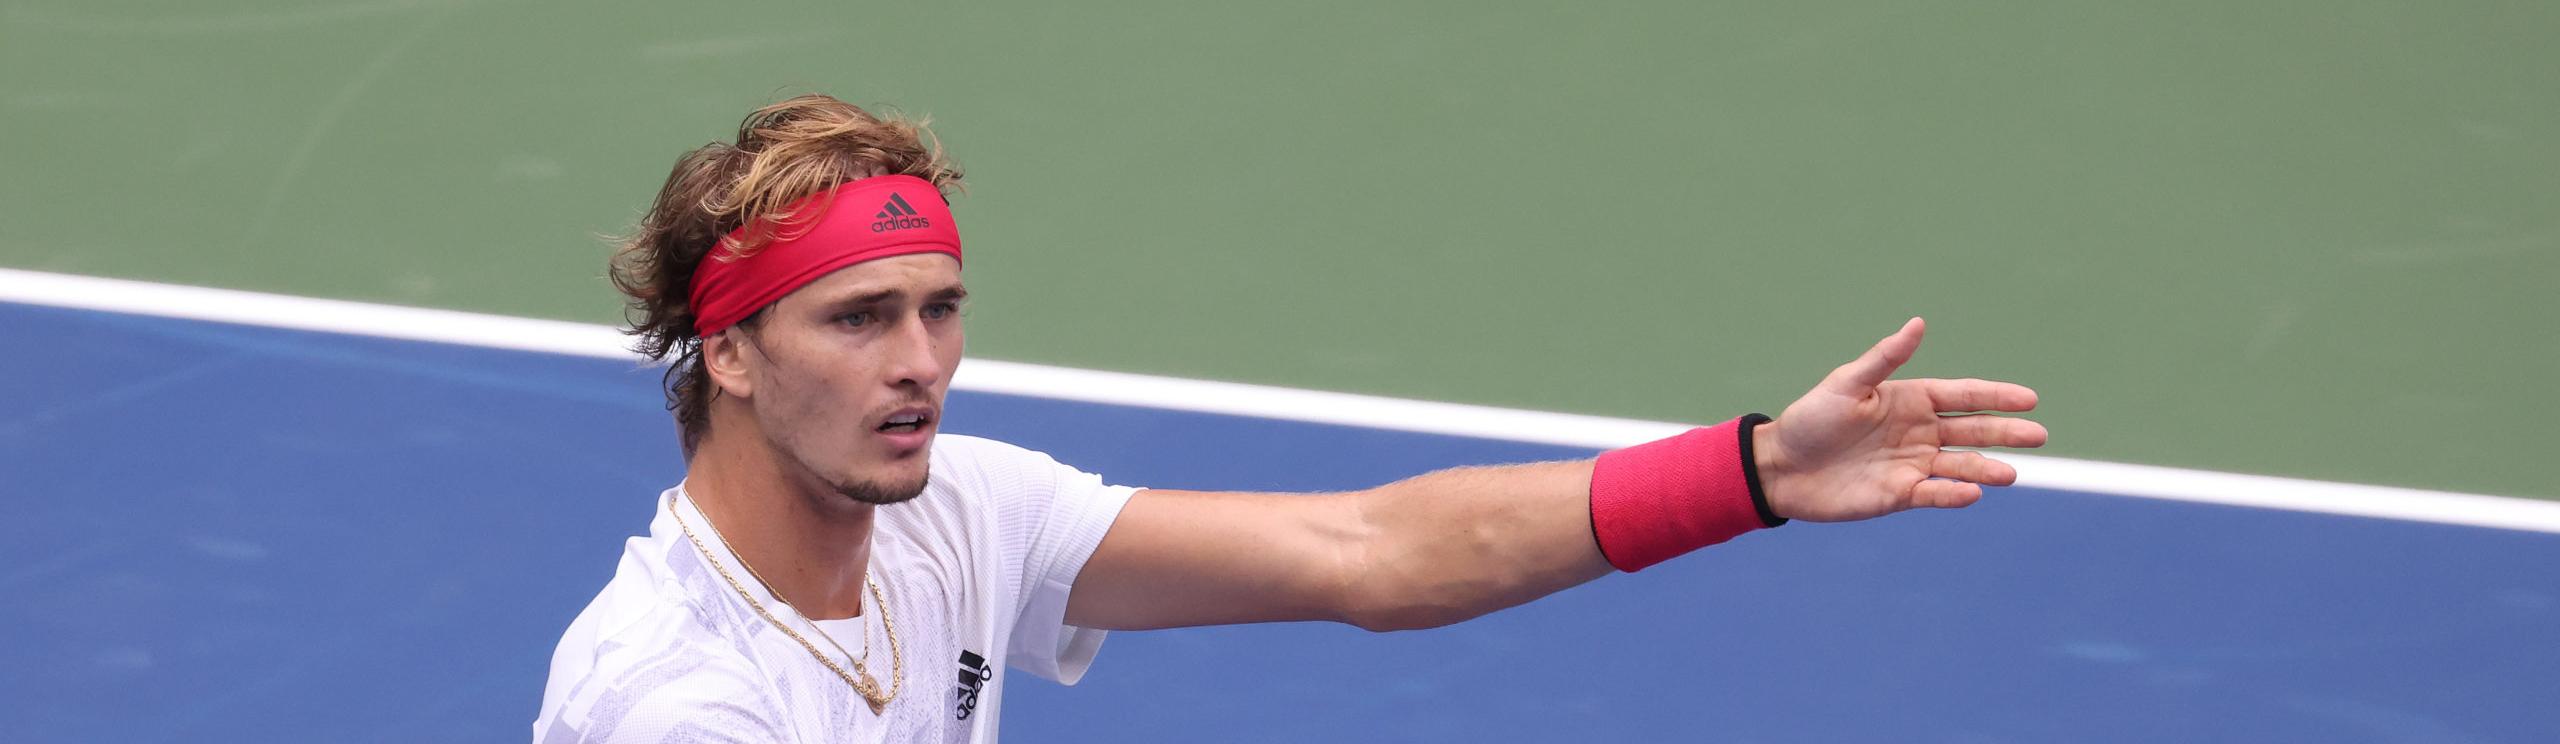 Pronostici e quote US Open: ottavi con Zverev e Nole, 4 consigli per il day 7